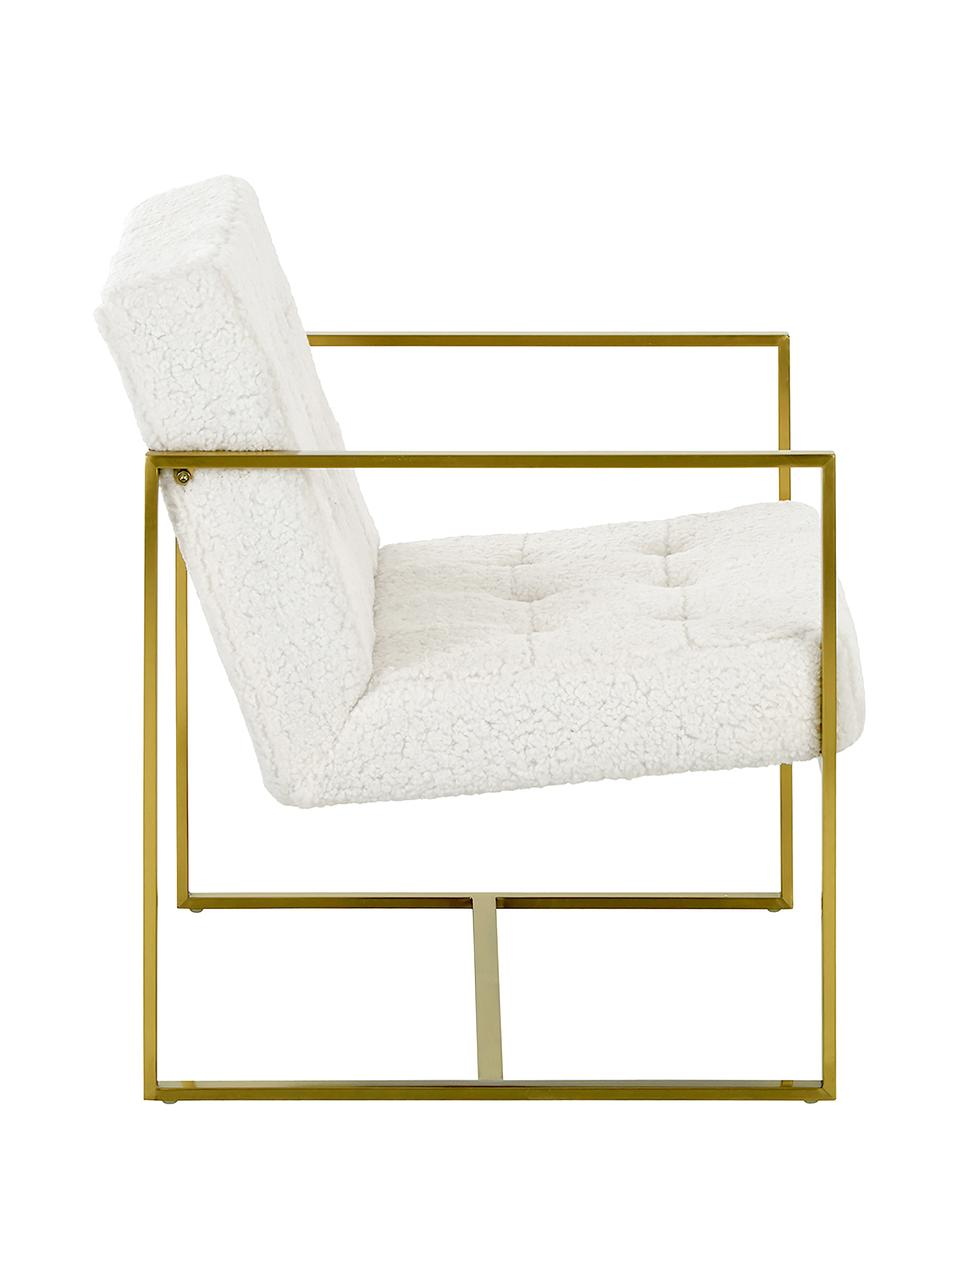 Silla de borreguillo Manhattan, Tapizado: poliéster (borreguillo), Estructura: metal, recubierto, Borreguillo blanco crema, An 70 x F 72 cm